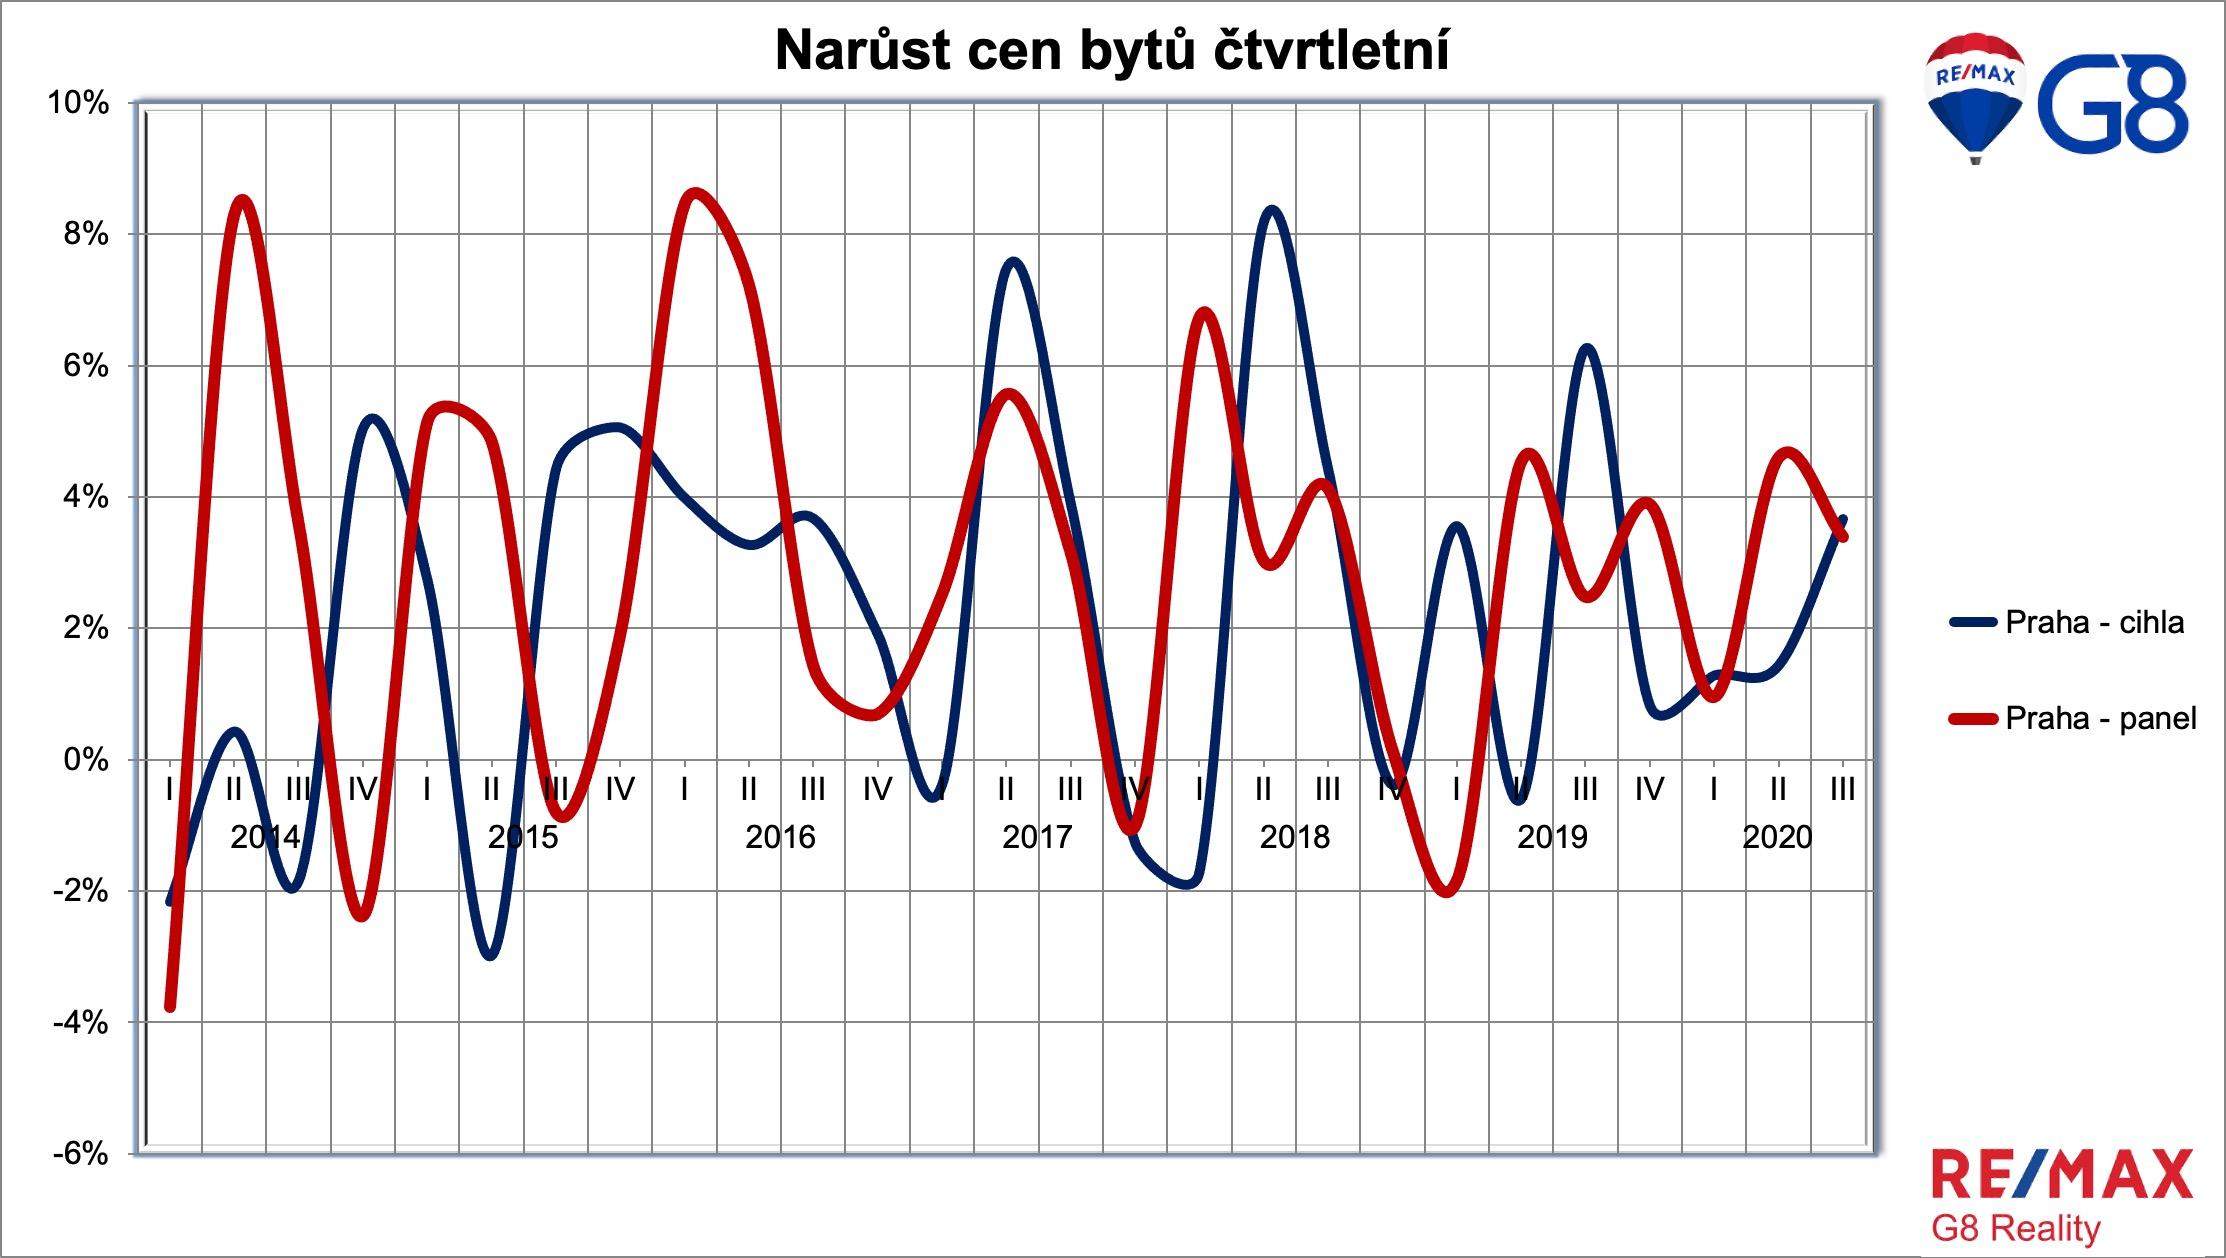 Tempo růstu cen bytů v ČR nezpomaluje